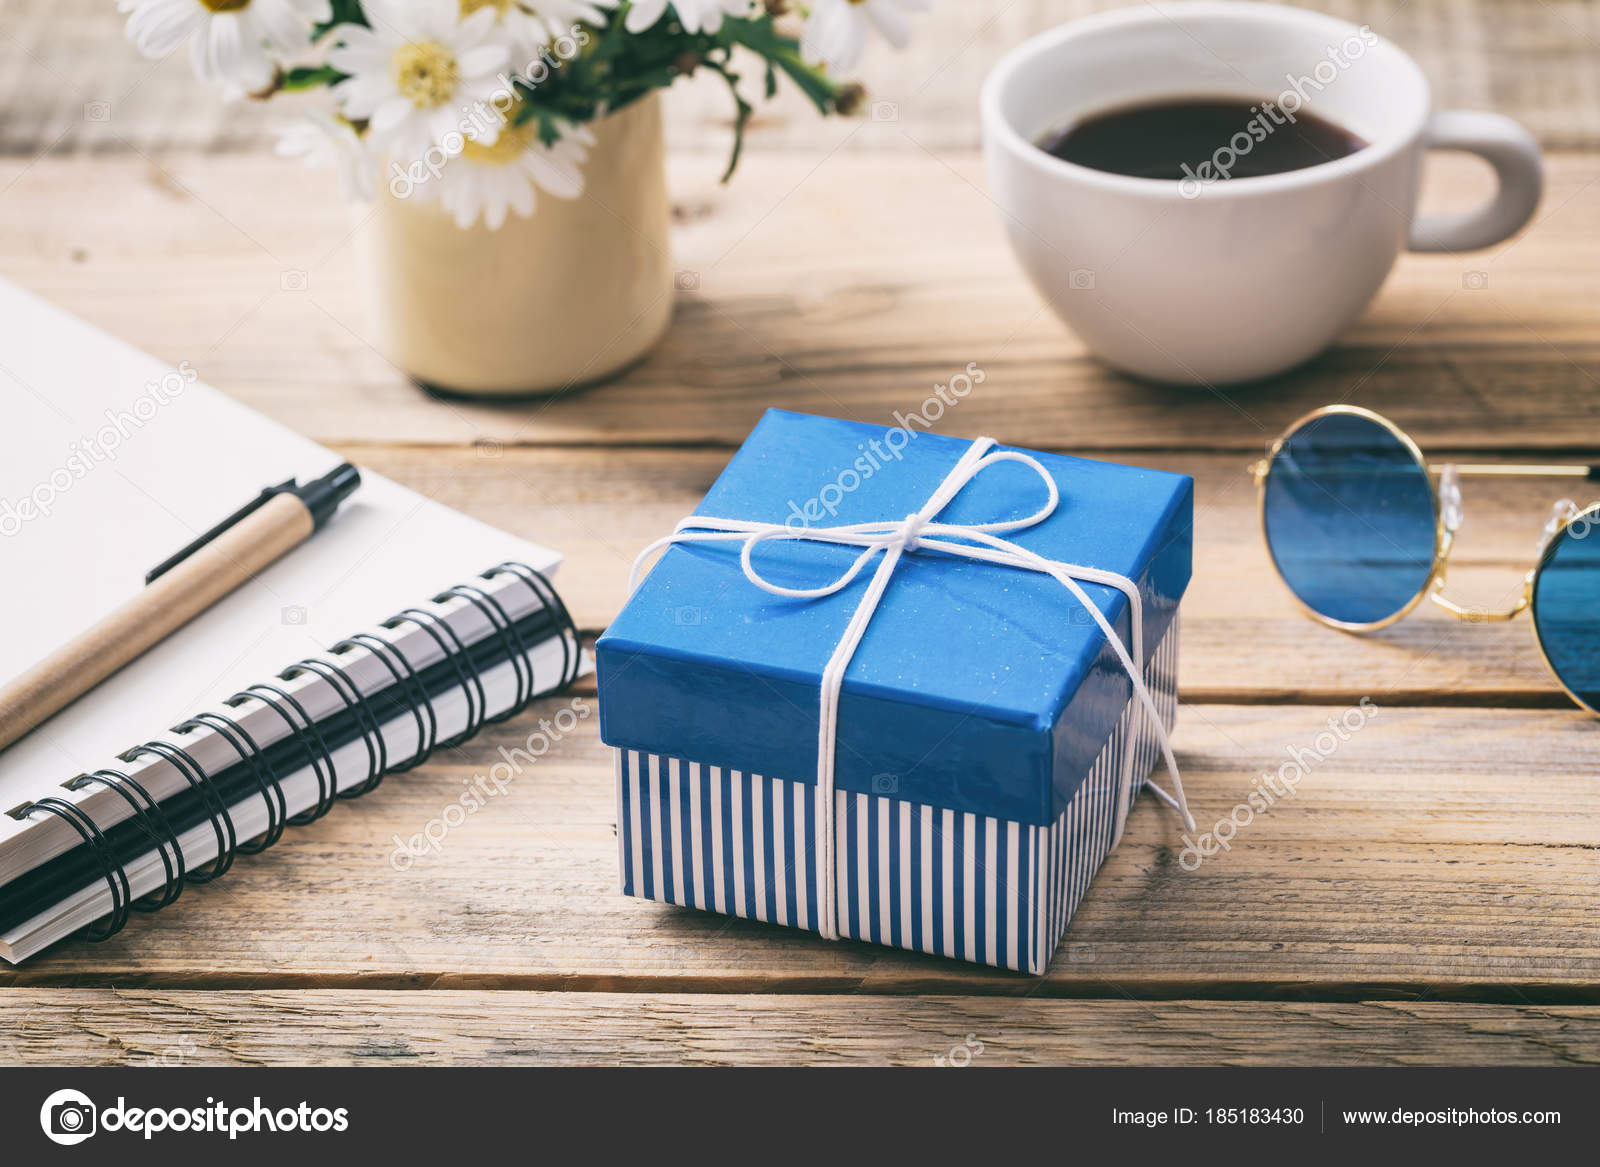 Scrivania Ufficio Blu : Scatola regalo su una scrivania da ufficio blu vista da sopra